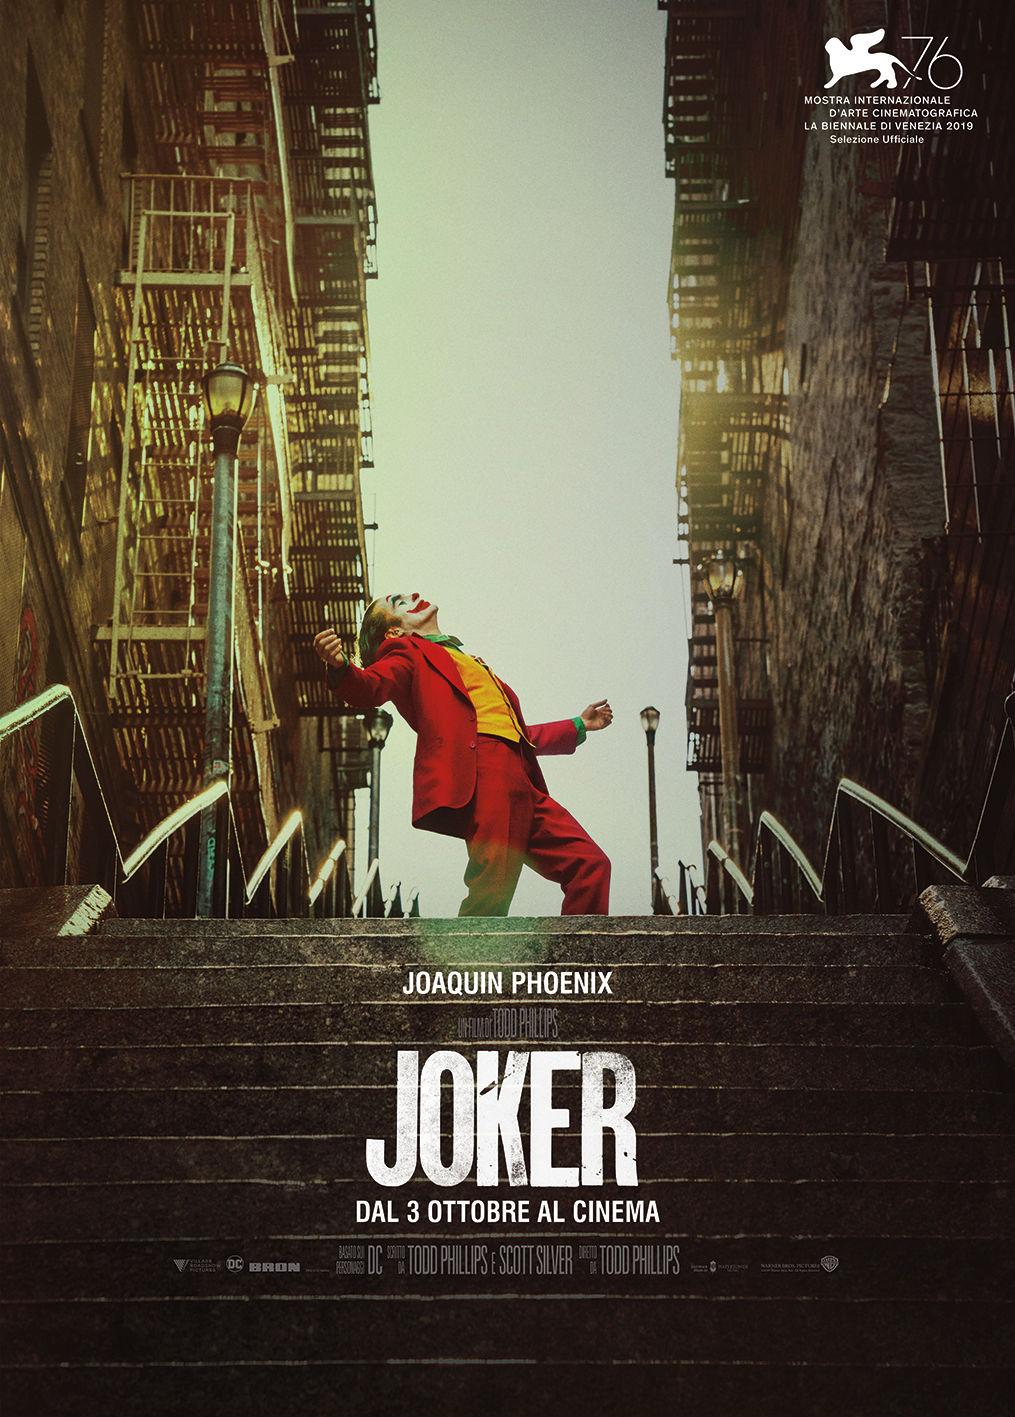 Joker - Poster Ufficiale Italiano del film